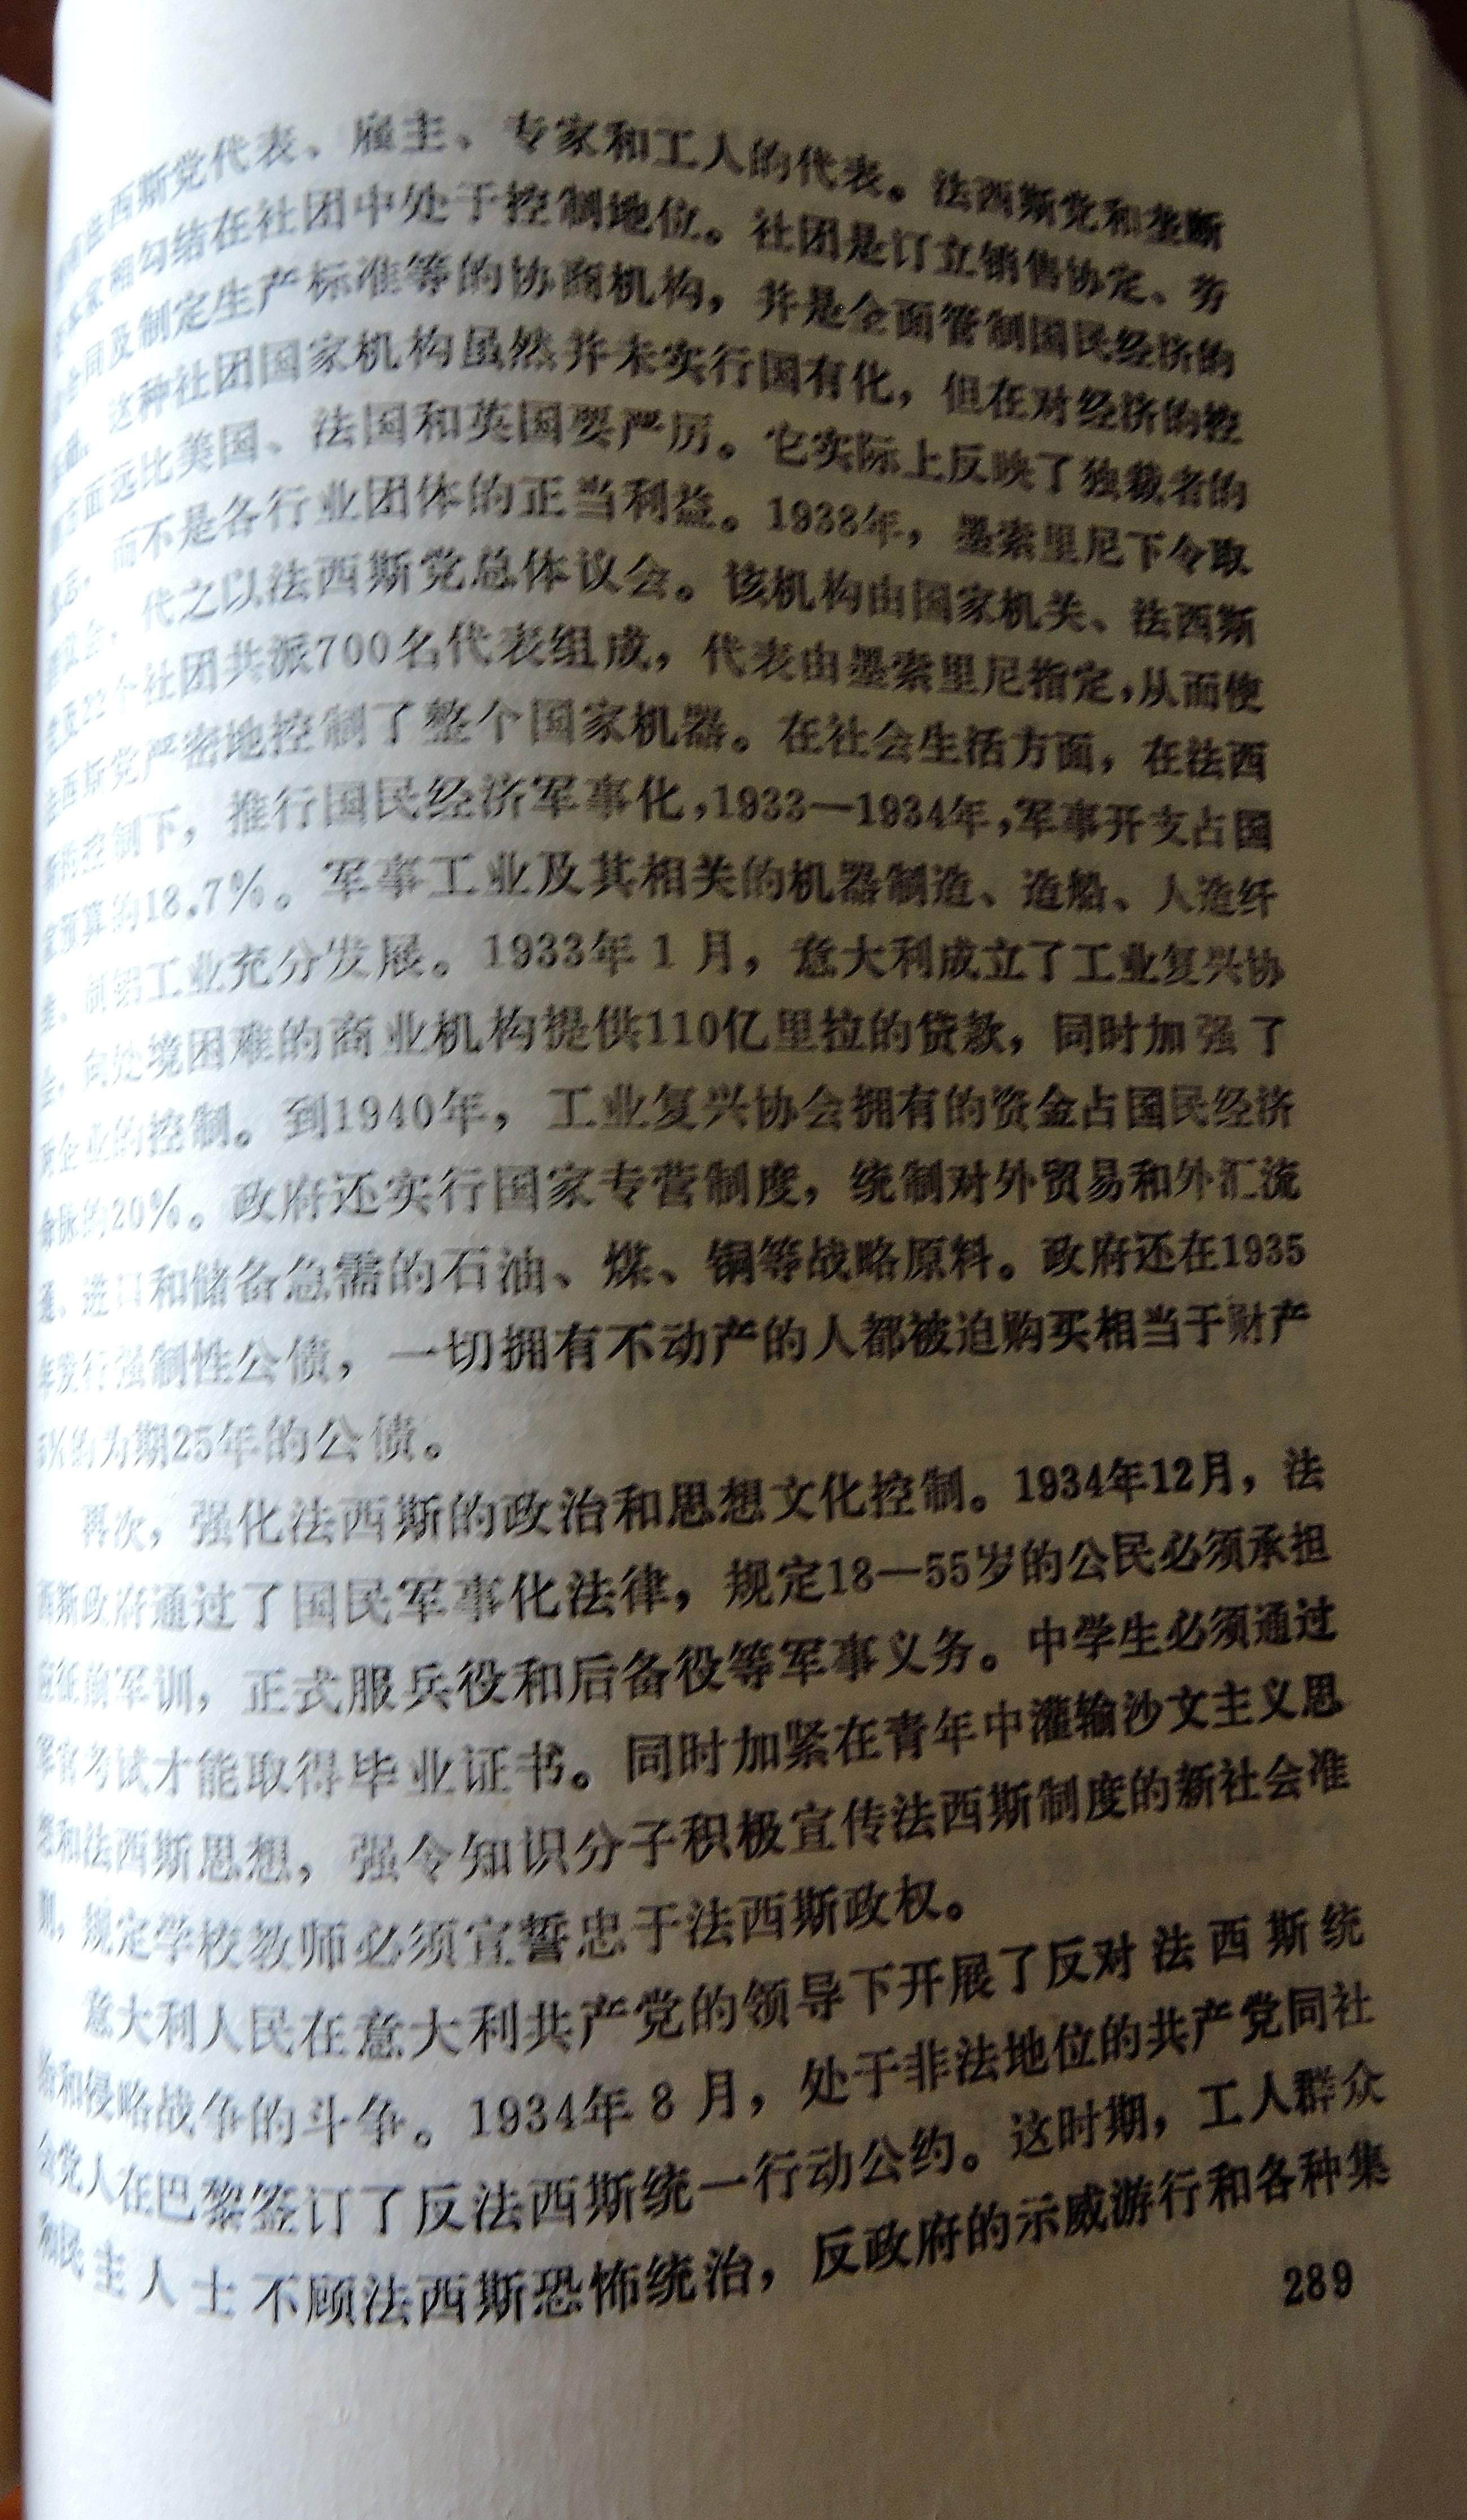 30 DSCN7913.jpg